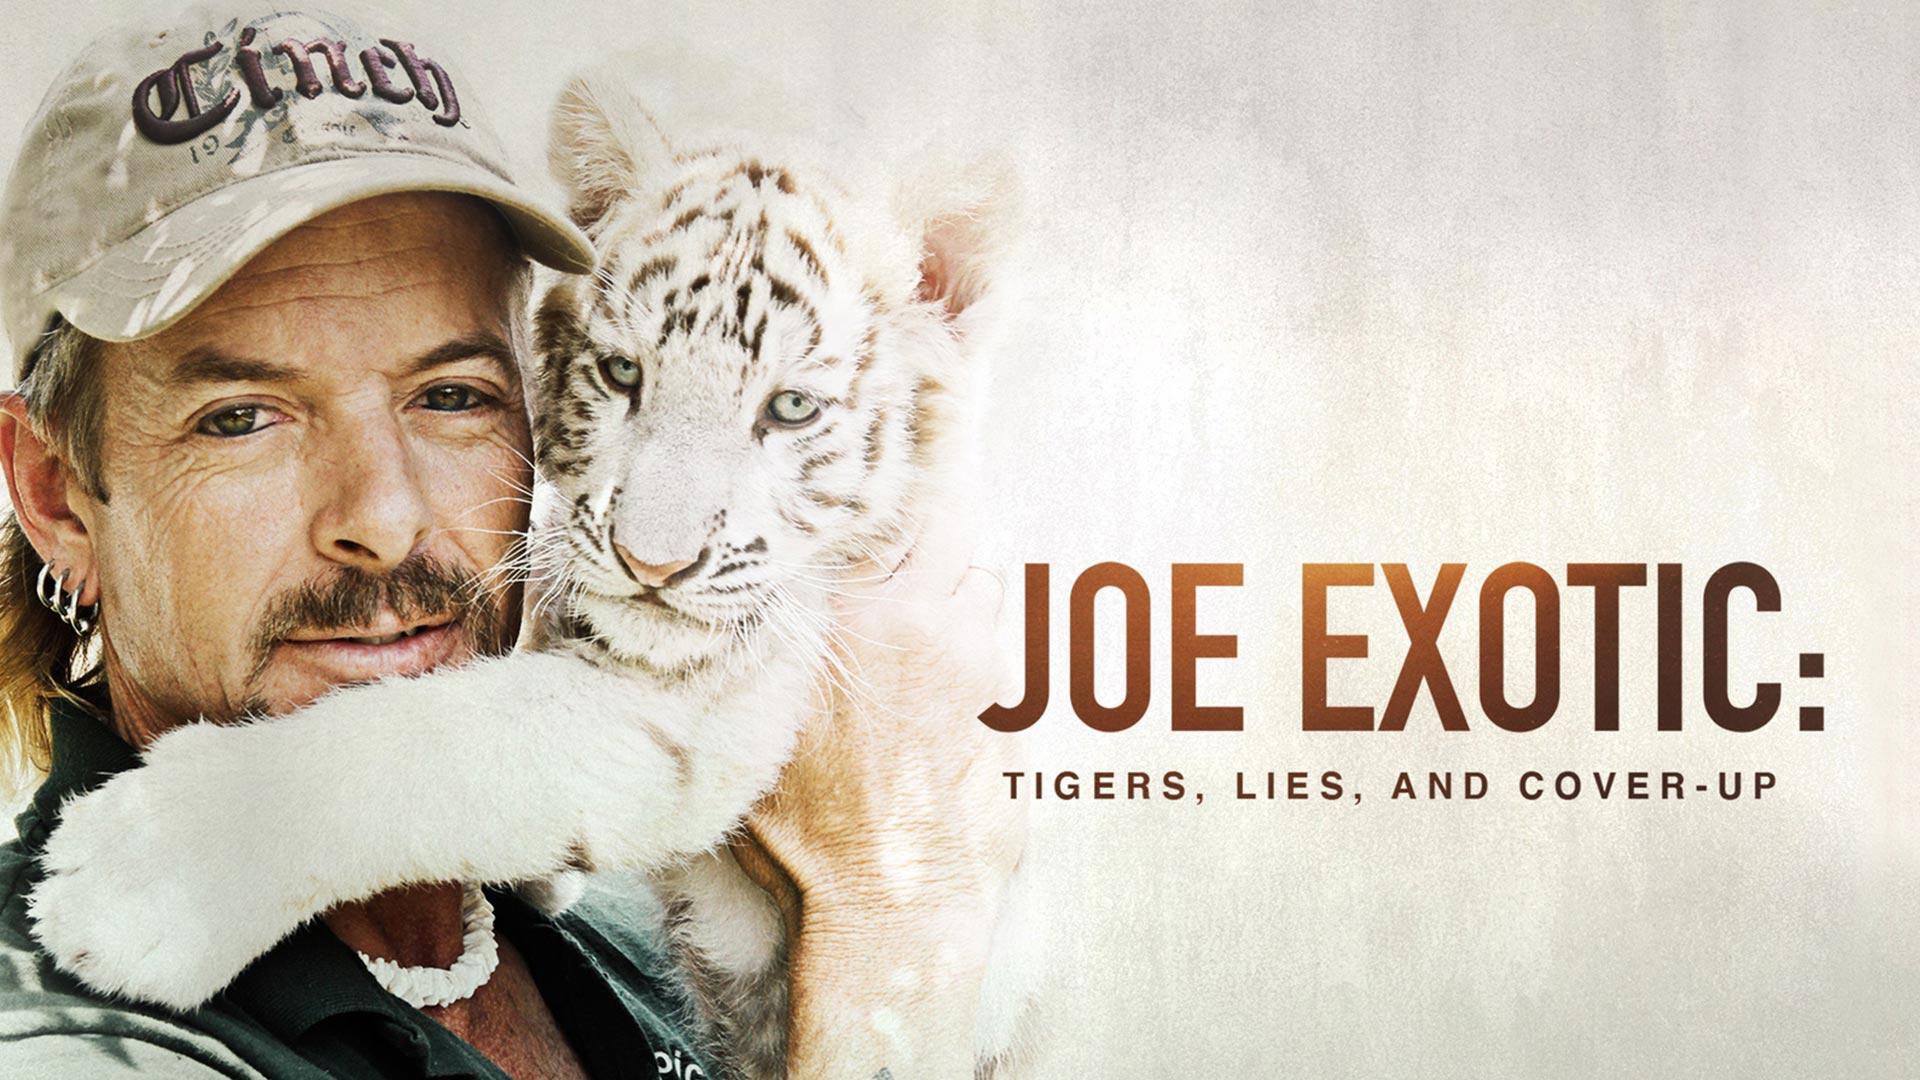 Joe Exotic: Tigers, Lies and Cover-Up - Season 1